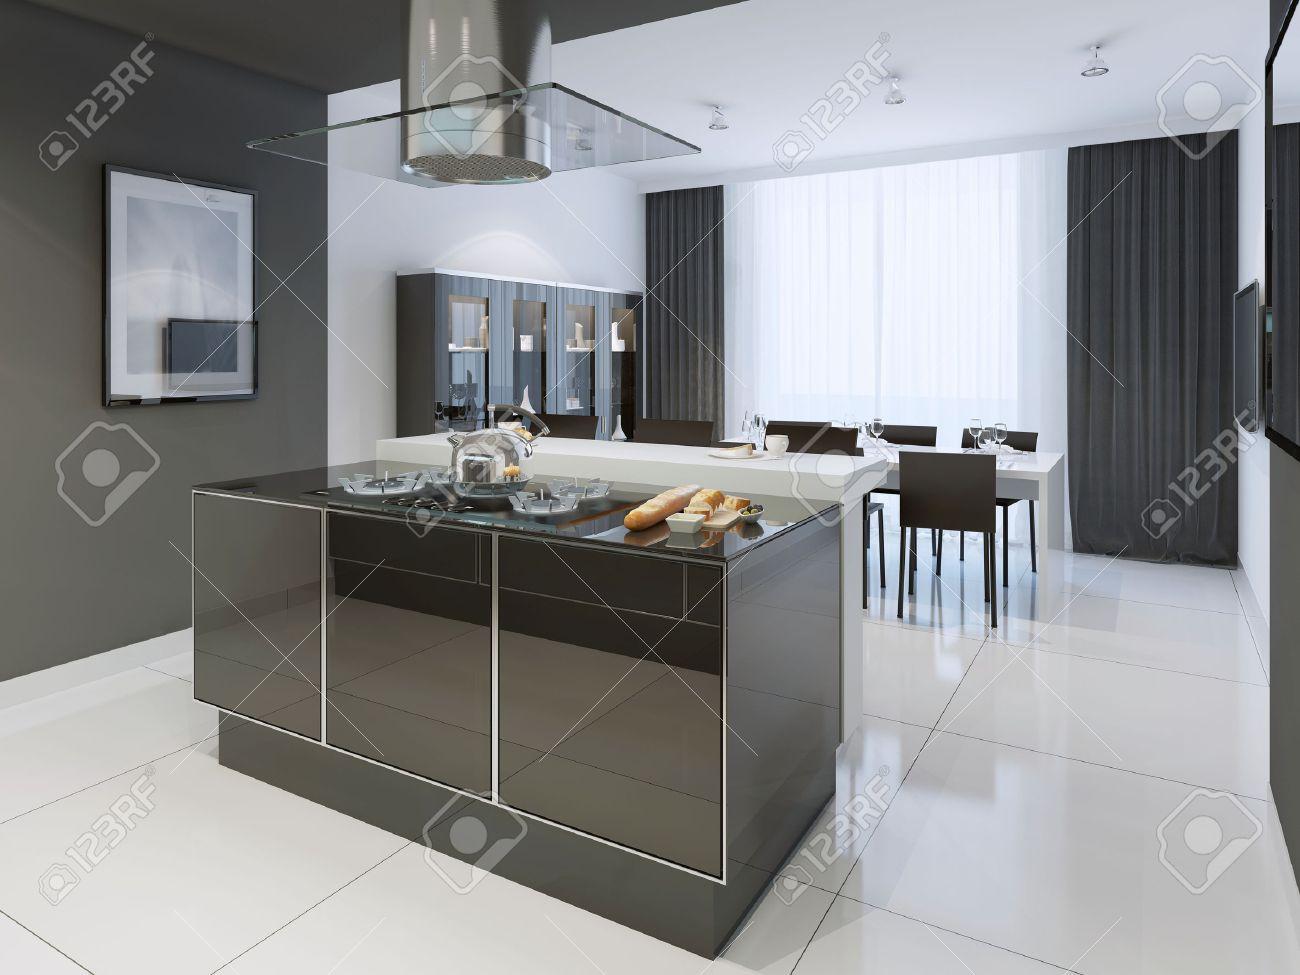 Schwarz-Weiß-Küche Modernen Stil. Farbe Getrennt Küche Und Esszimmer ...